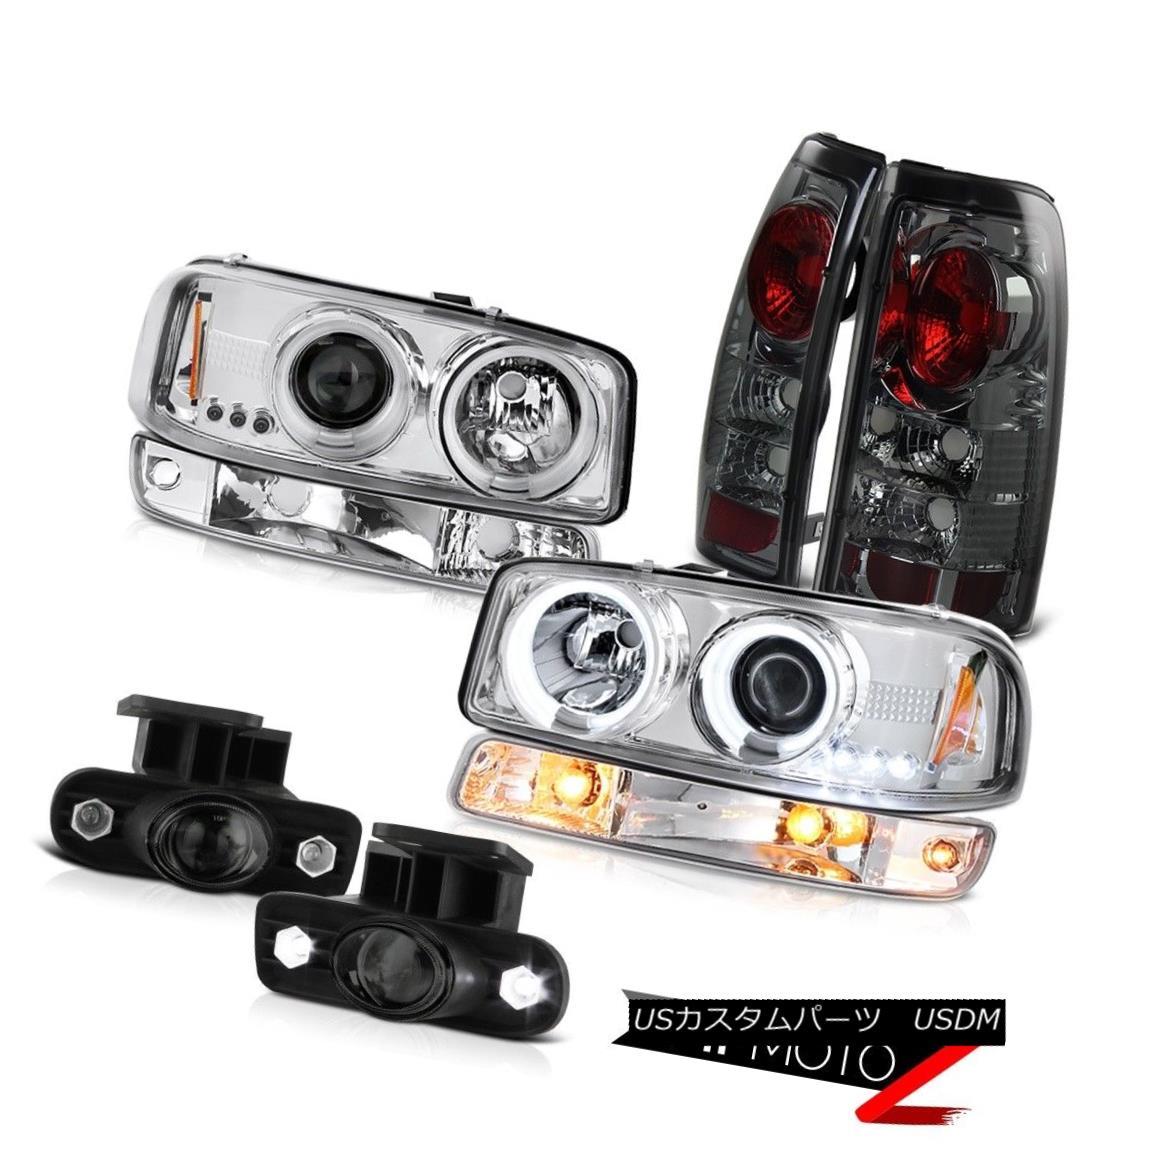 テールライト 99 00 01 02 Sierra SLE Foglamps tail lamps chrome turn signal ccfl headlights 99 00 01 02シエラSLEフォグランプテールランプクロムターンシグナルccflヘッドライト